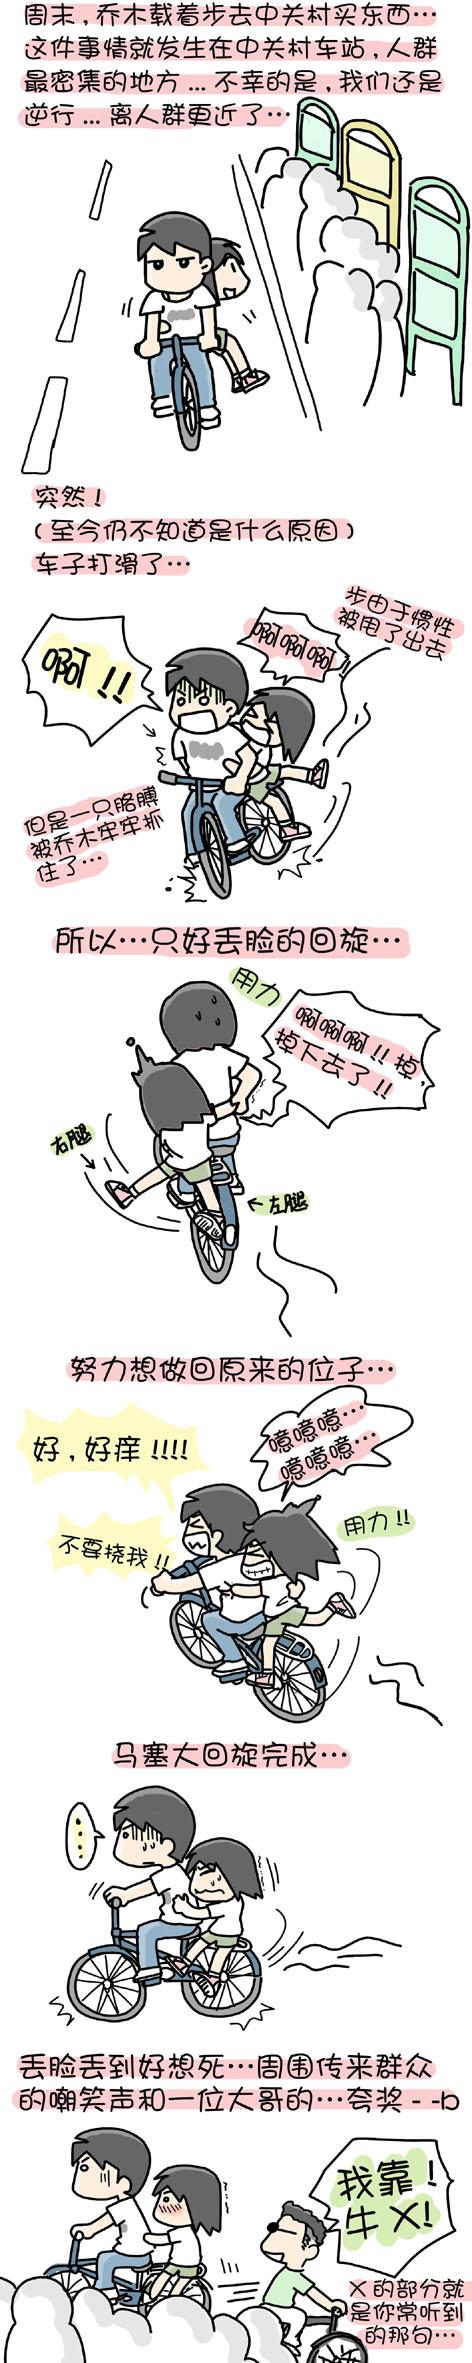 马赛大回旋 - 小步 - 小步漫画日记